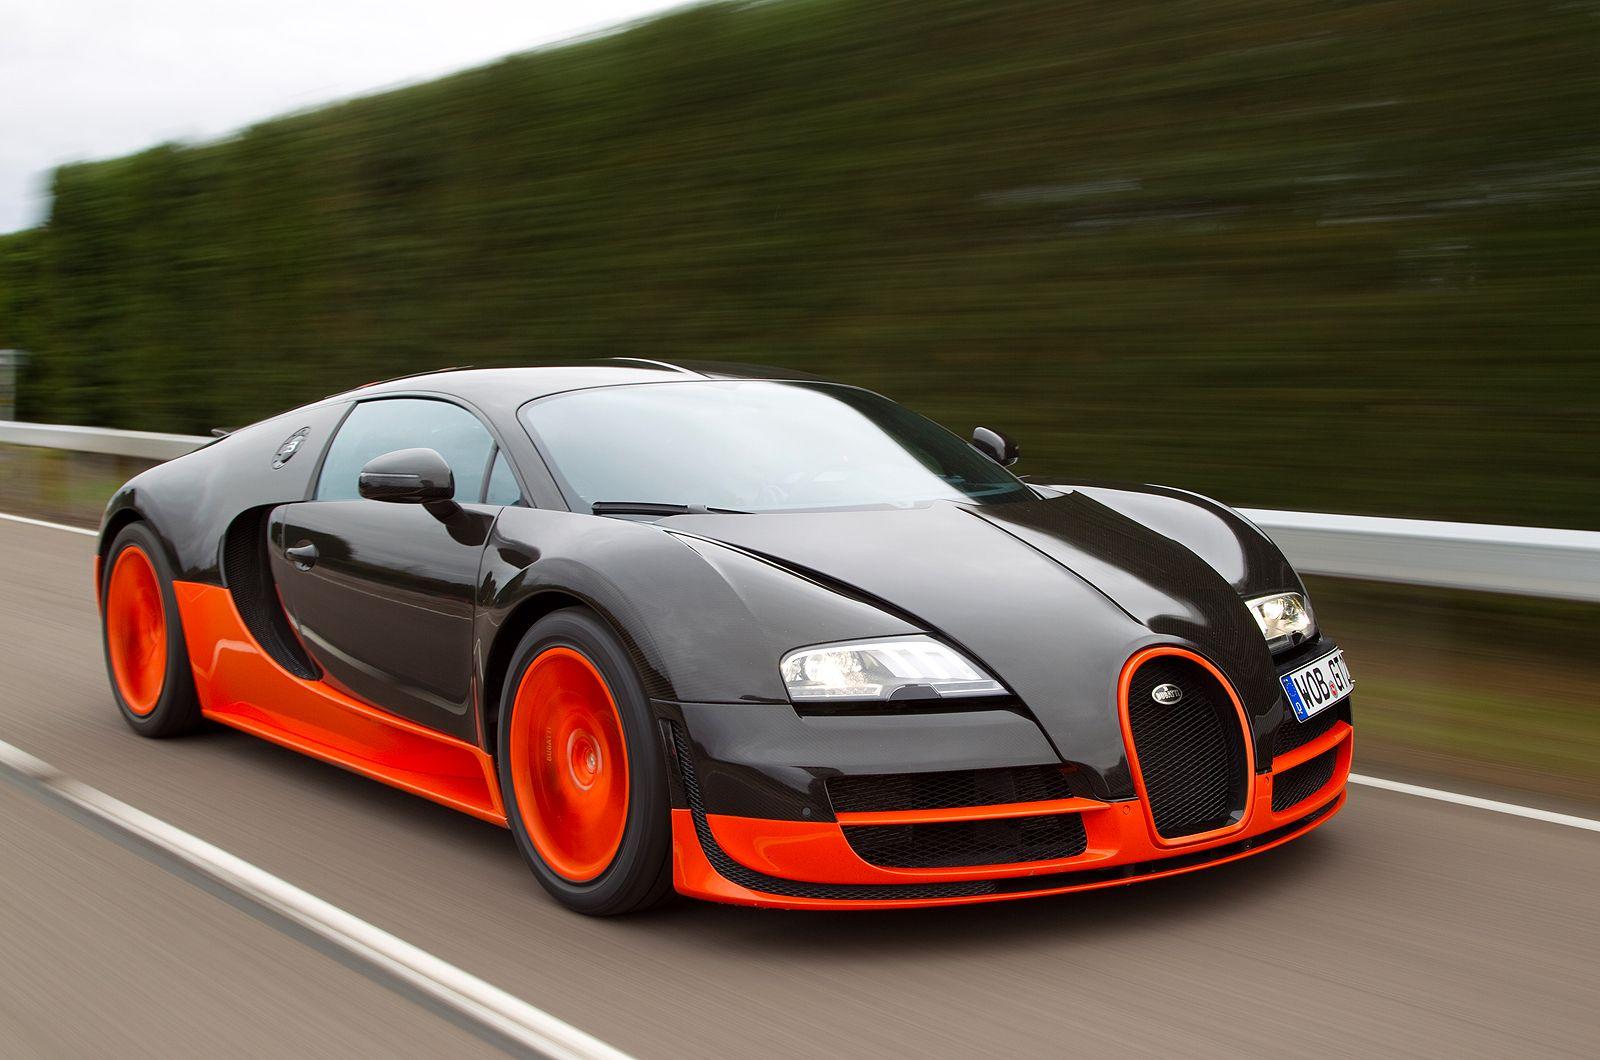 Bugatti Veyron Price 2015 >> Bugatti Price 2015 Google Search Bugatti Cars Super